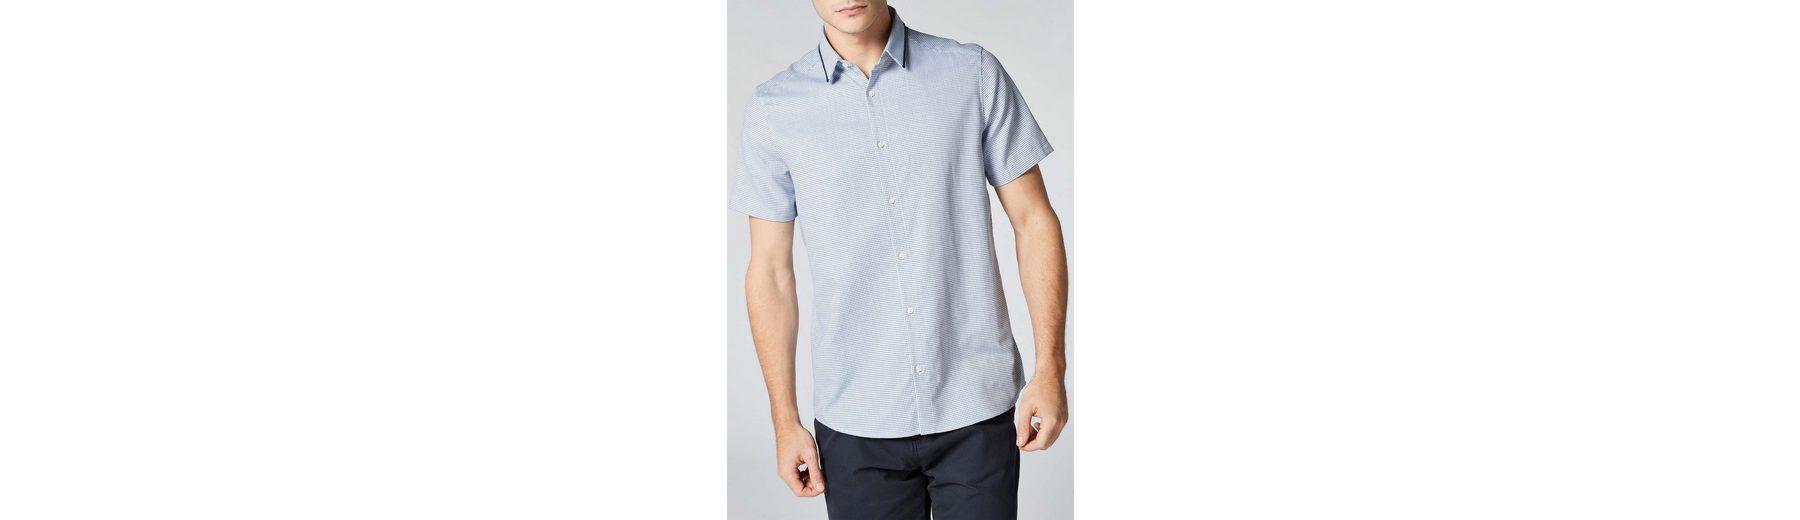 Next Kurzärmeliges Hemd mit Kontrastkragen Verkaufen Kaufen ictZ9